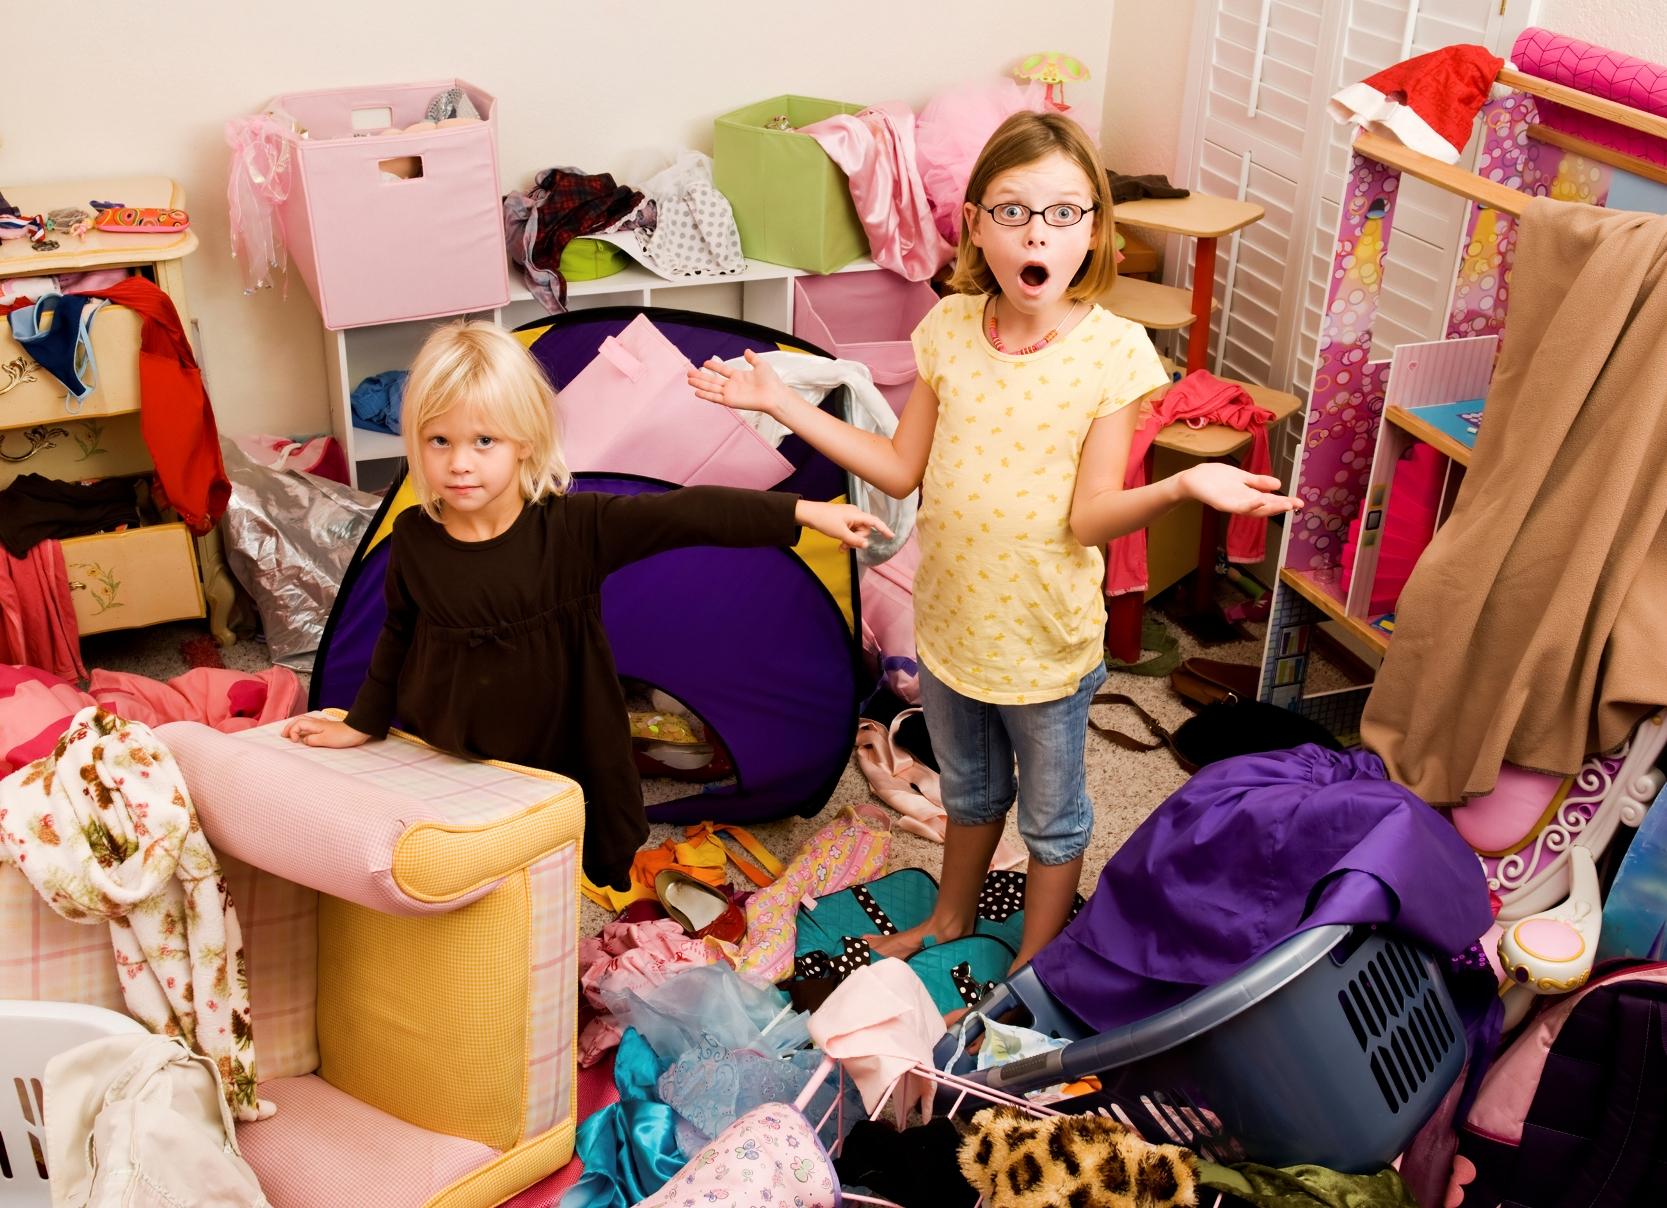 Ребенок не хочет идти в детский сад: что делать родителям